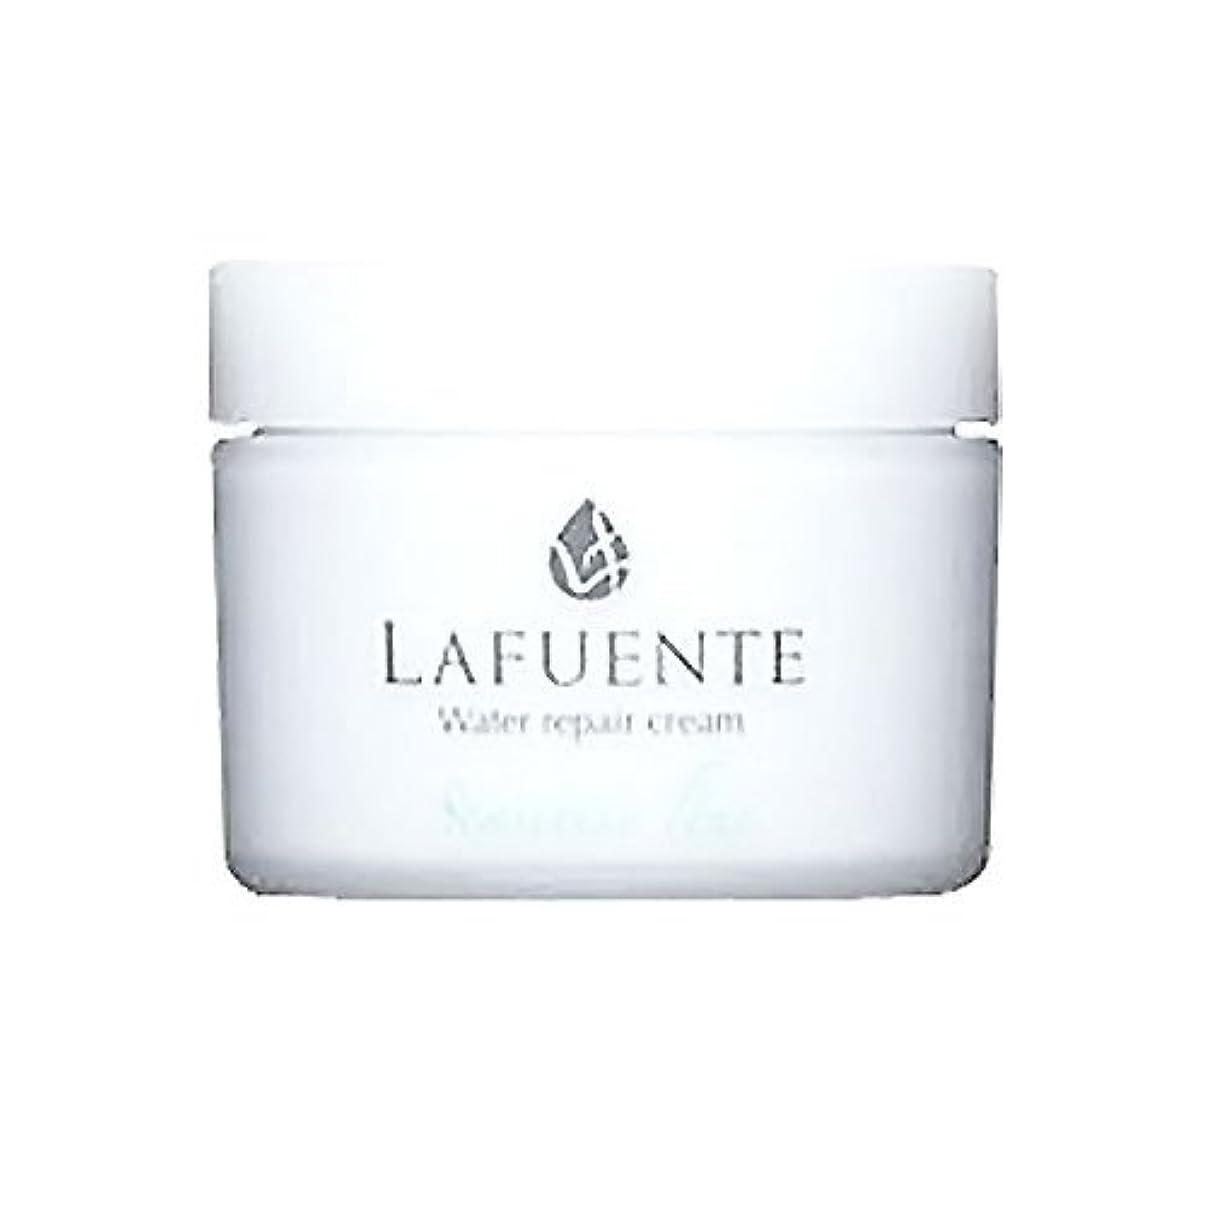 混雑水っぽい警告するLAFUNTE (ラファンテ) ウォーターリペアクリーム 50g